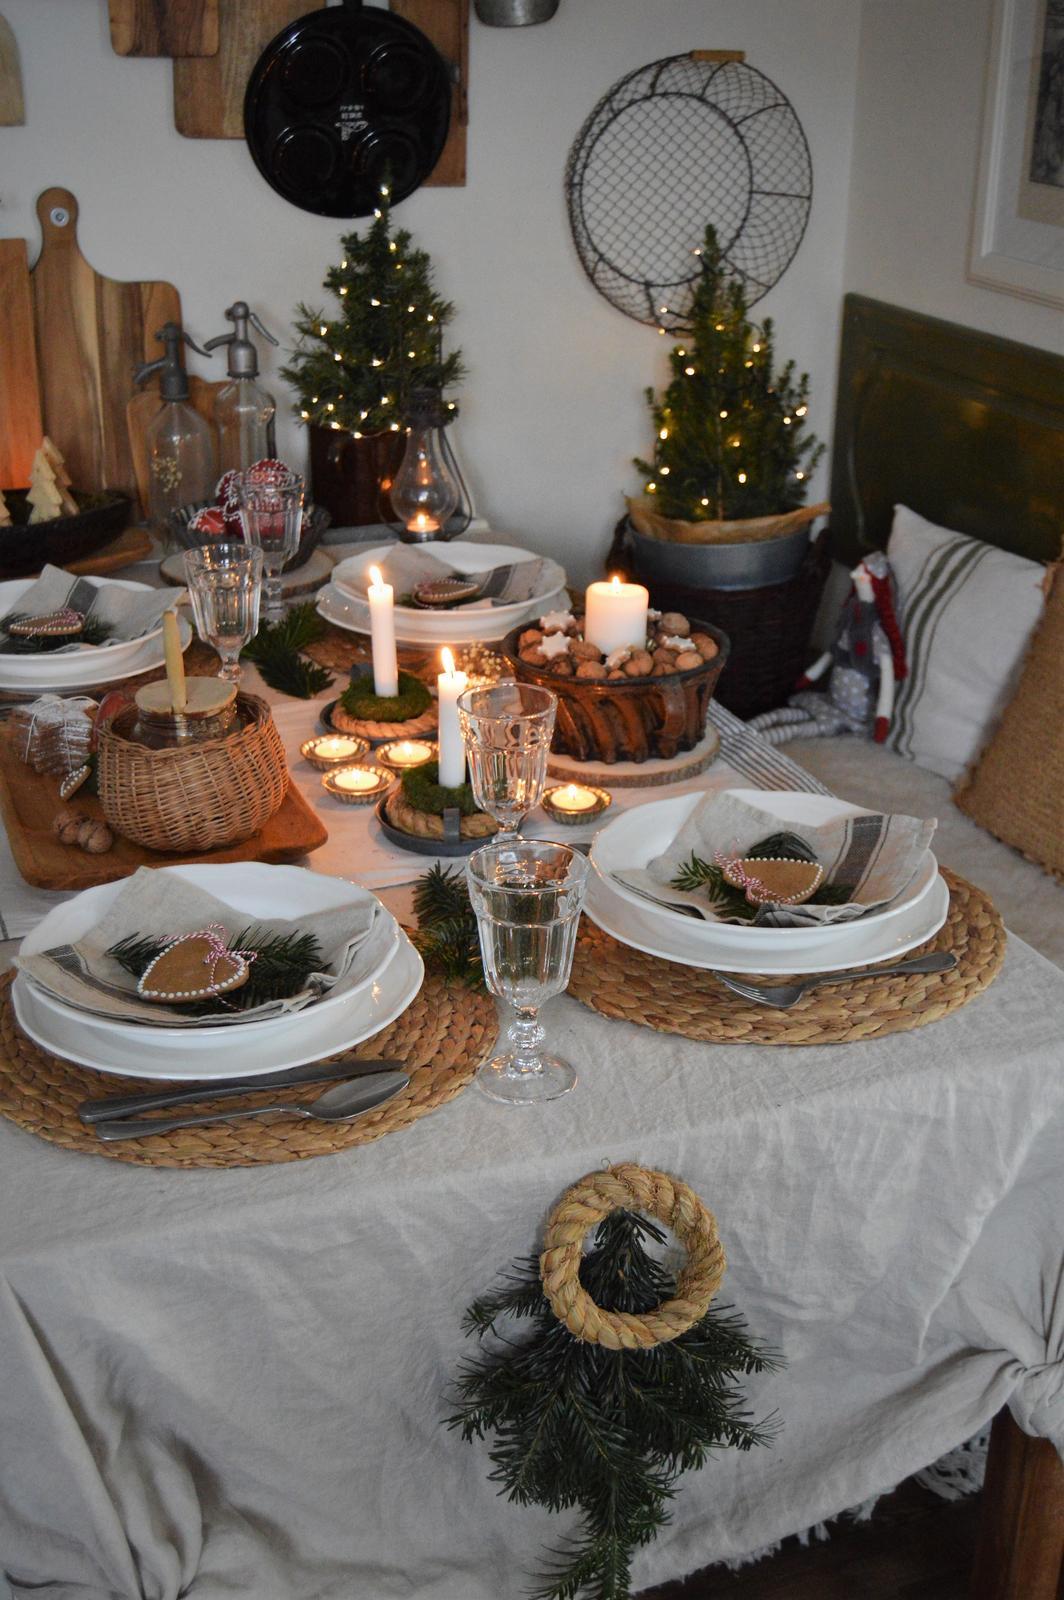 Vianočný čas u nás... - Obrázok č. 232